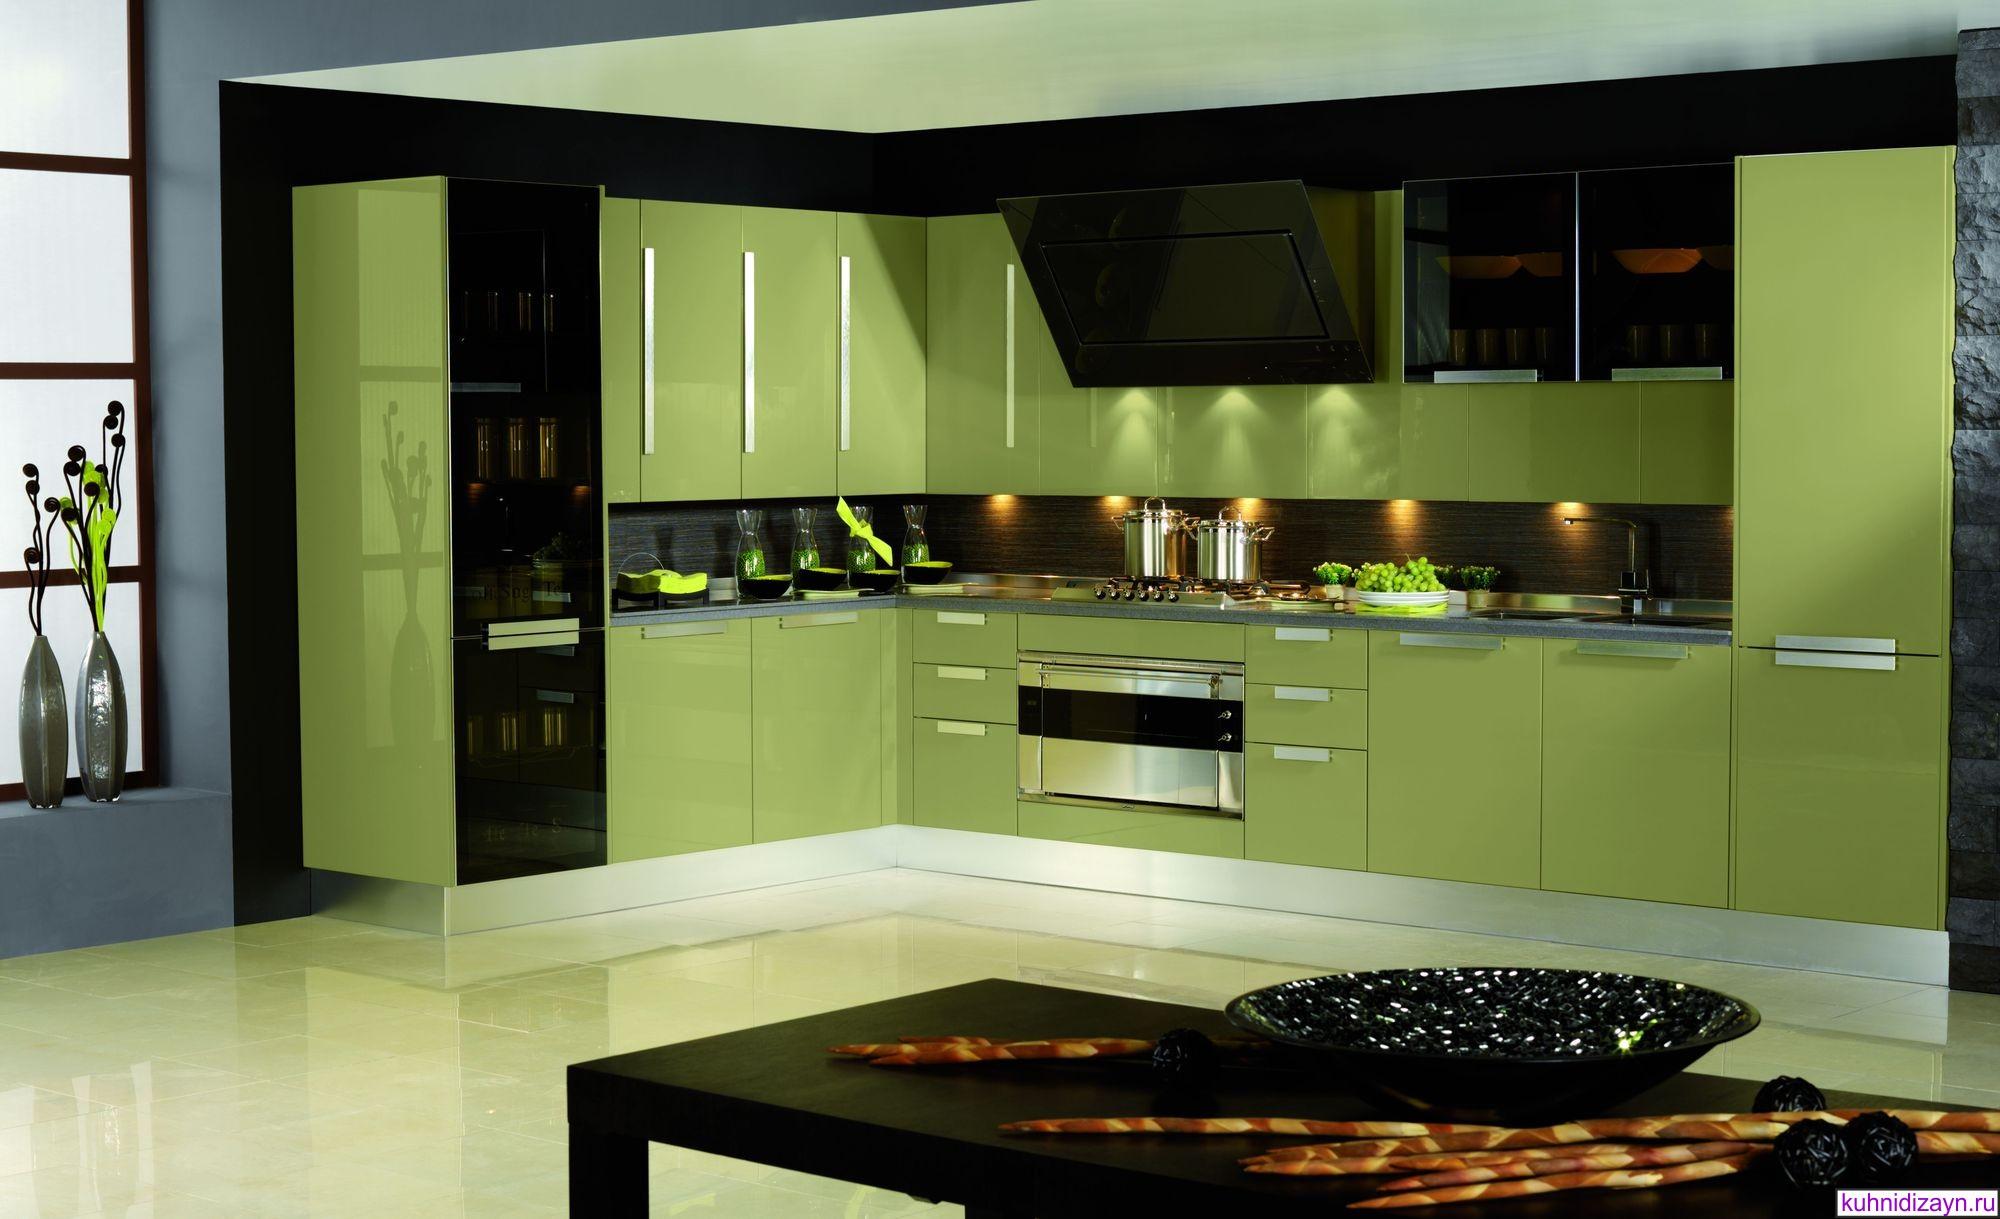 Кухни зеленого цвета, зеленая кухня на заказ, мебель и гарни.